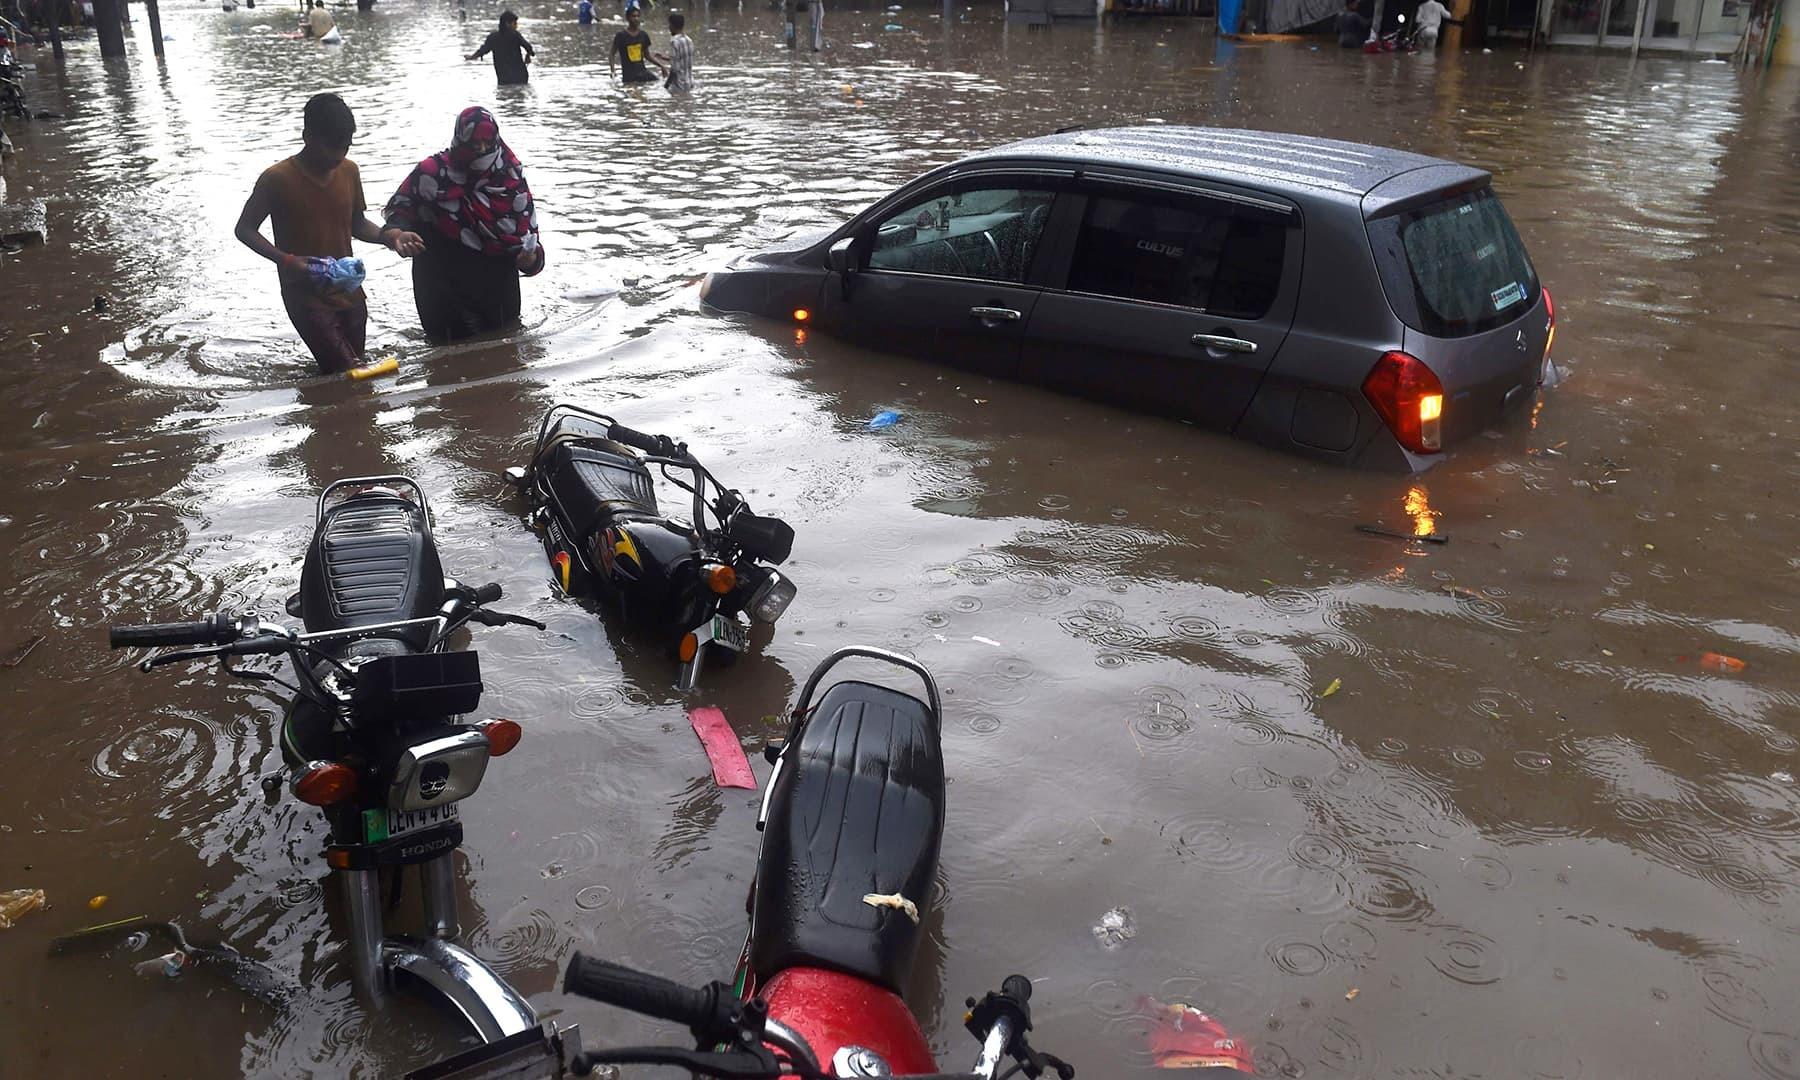 لاہور میں بارش کے بعد ایک گاڑی اور موٹر سائیکلیں آدھی سے زائد پانی میں ڈوبی ہوئی ہیں — فوٹو: رائٹرز